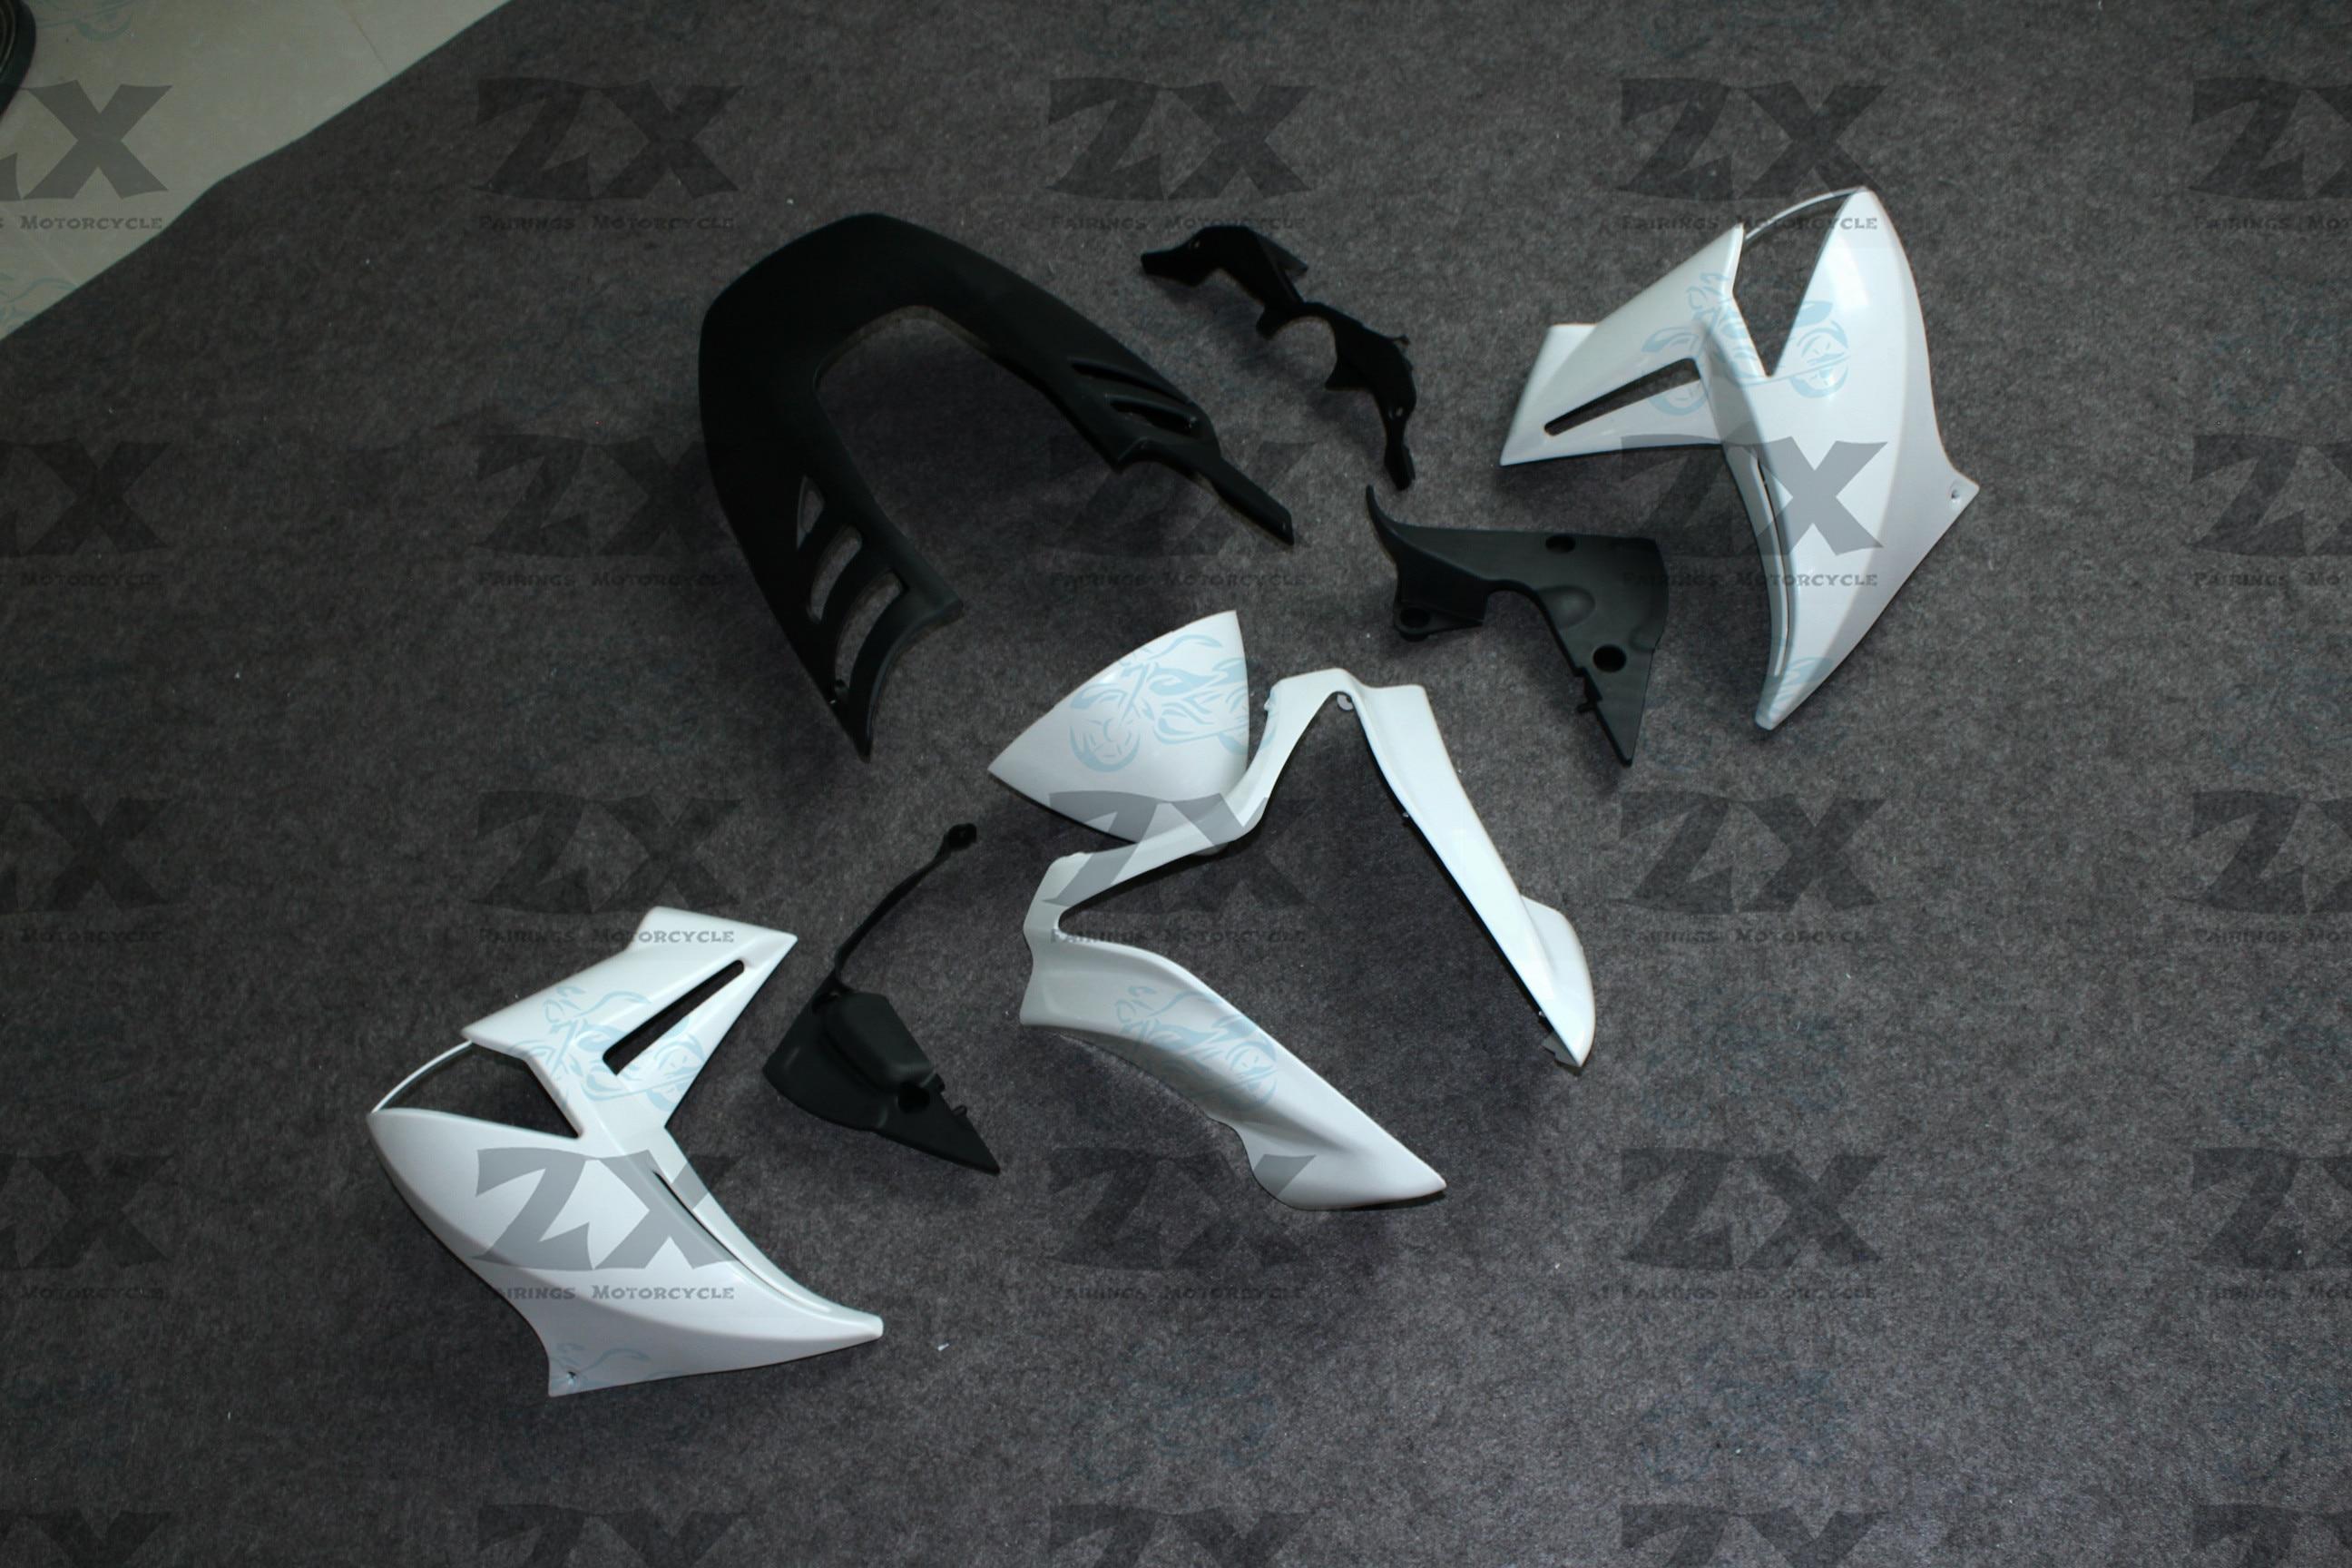 Unpainted Motorcycle Fairings Kits For Er6n 2009 2010 2011 2012  ER6N ER-6N ABS Injection Fairing Bodywork Kit ZXMT